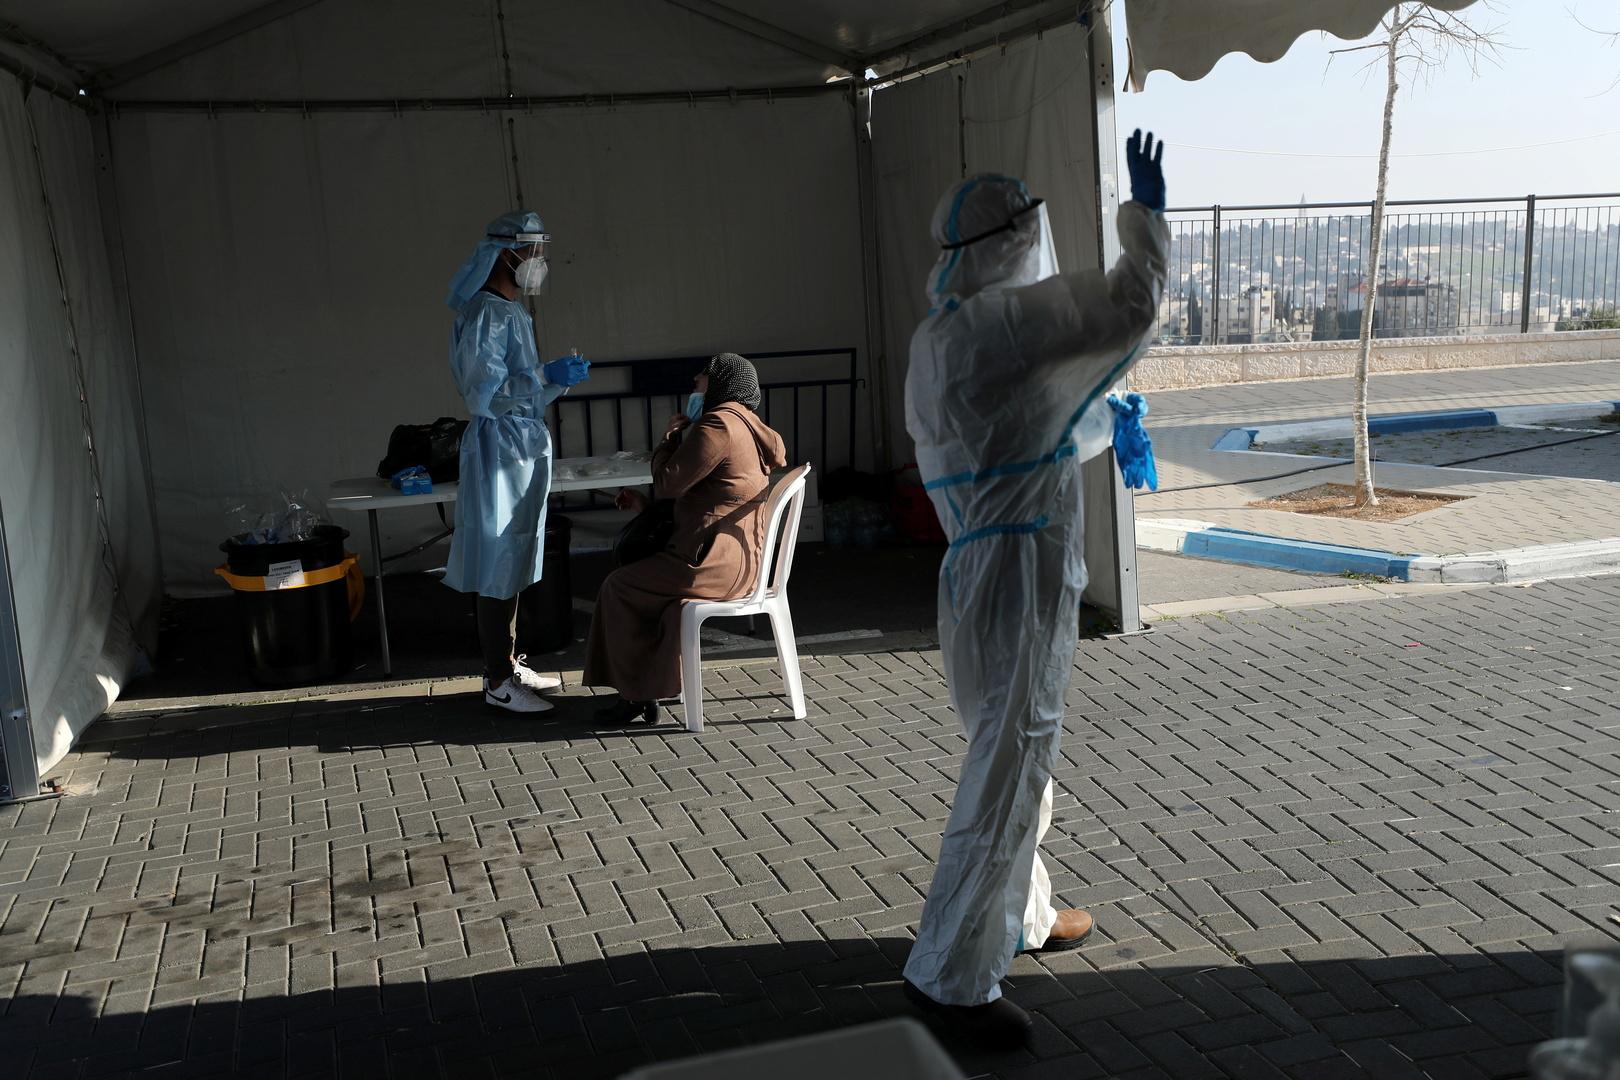 إسرائيل تسجل أكثر من 7 آلاف إصابة جديدة بكورونا